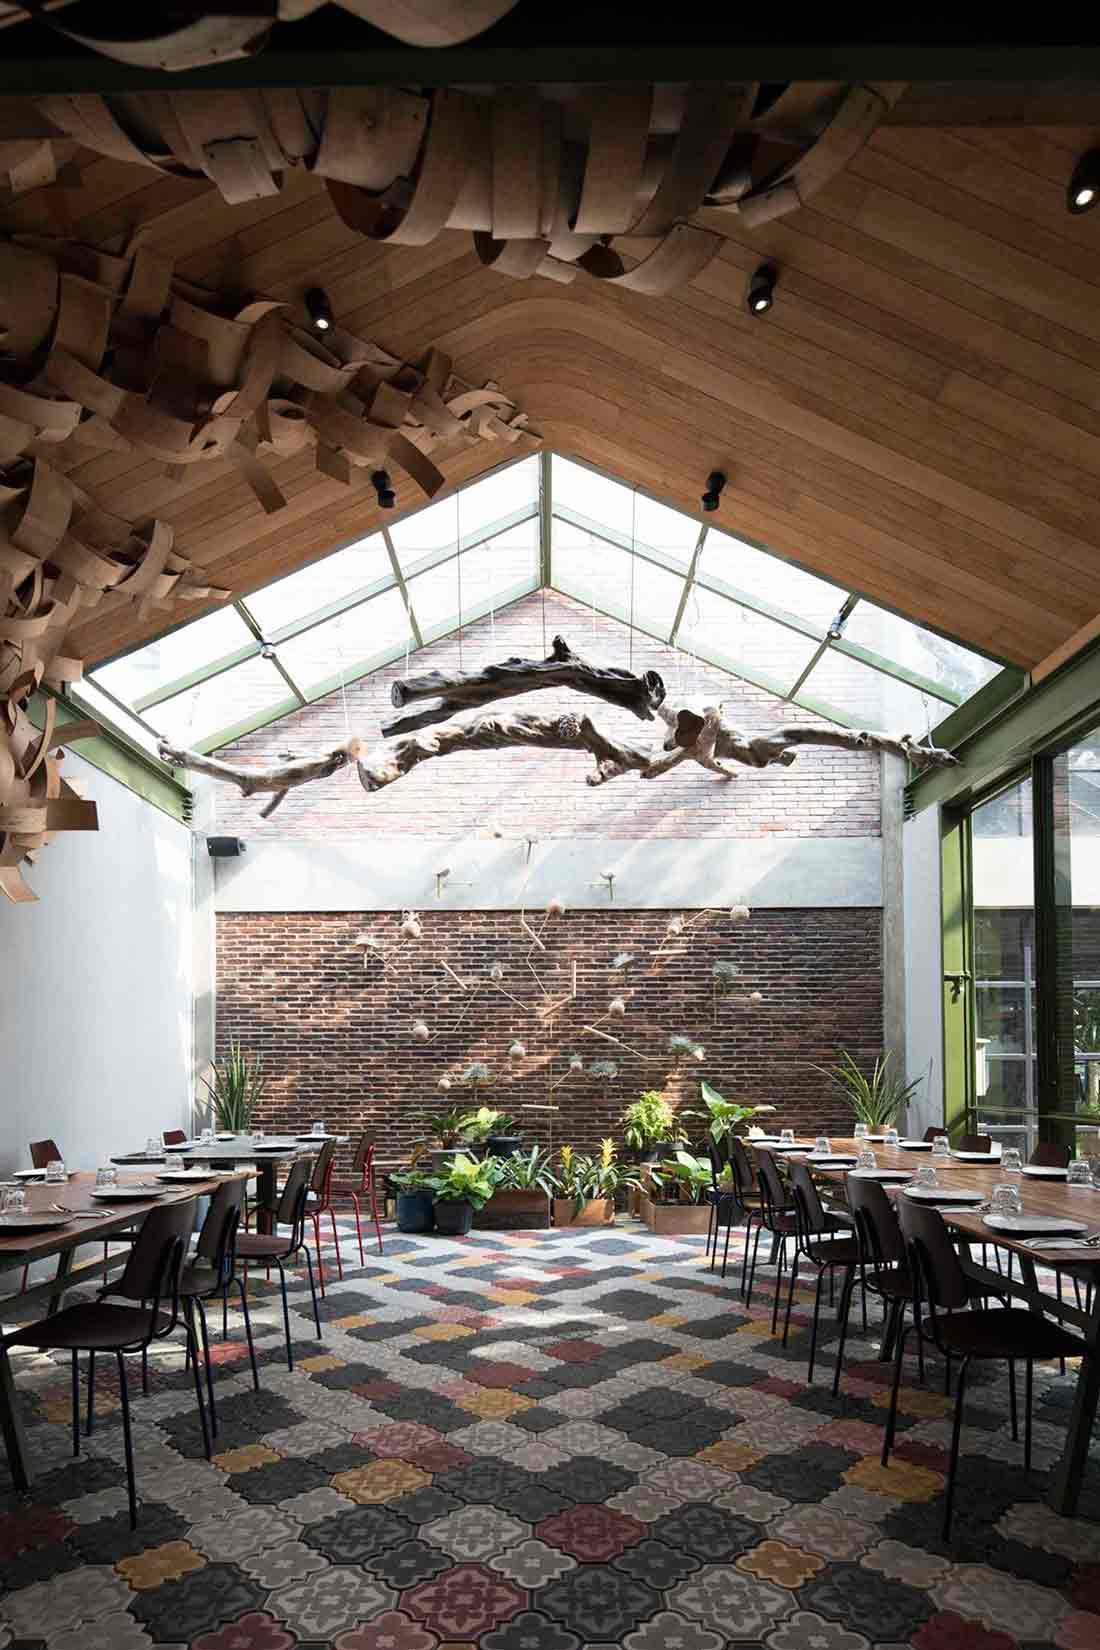 Menampilkan instalasi kayu dengan beragam formasi karakter, Restoran Kayu Kayu karya W Office (Sumber: arsitag.com)